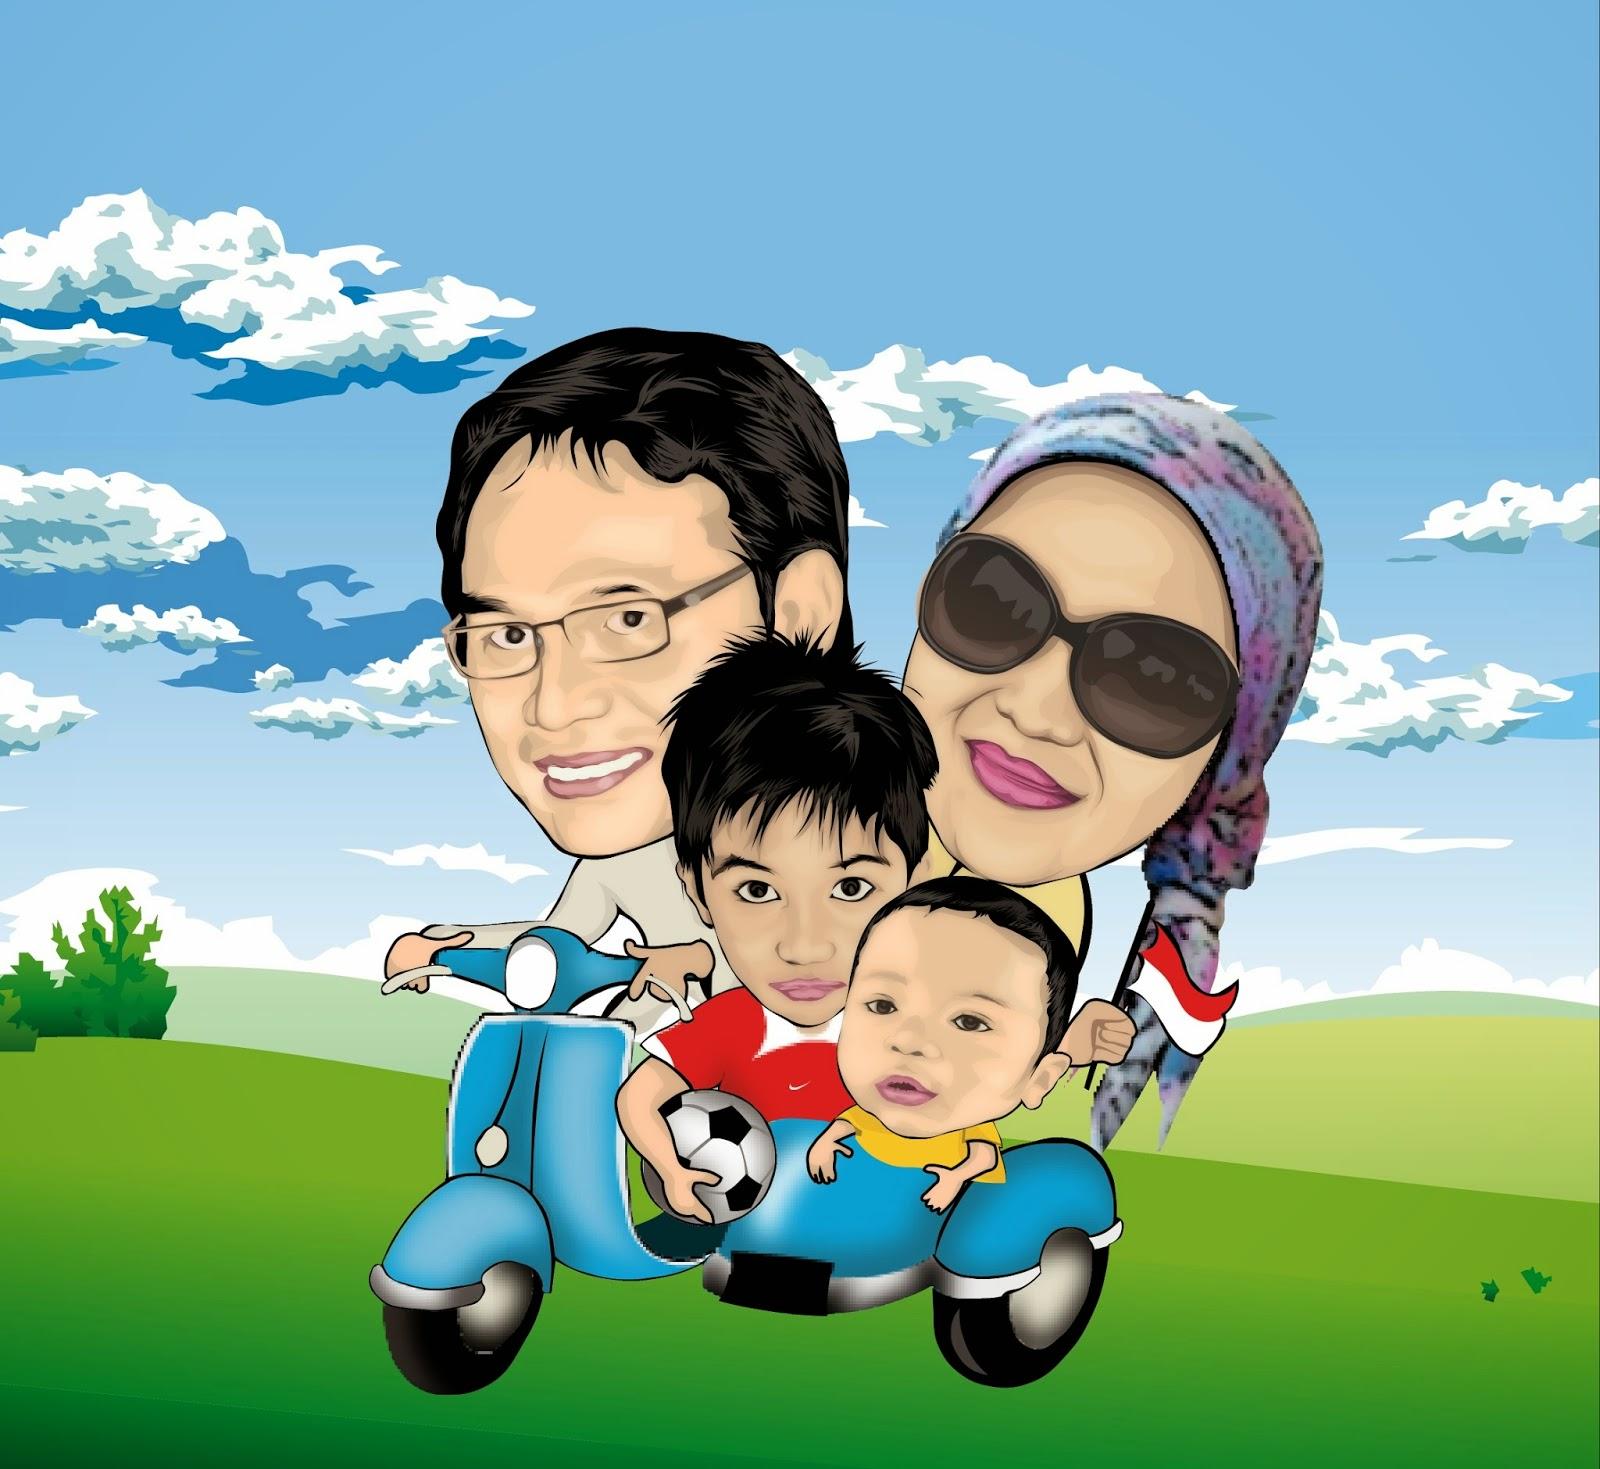 Gambar Lucu Kartun Keluarga